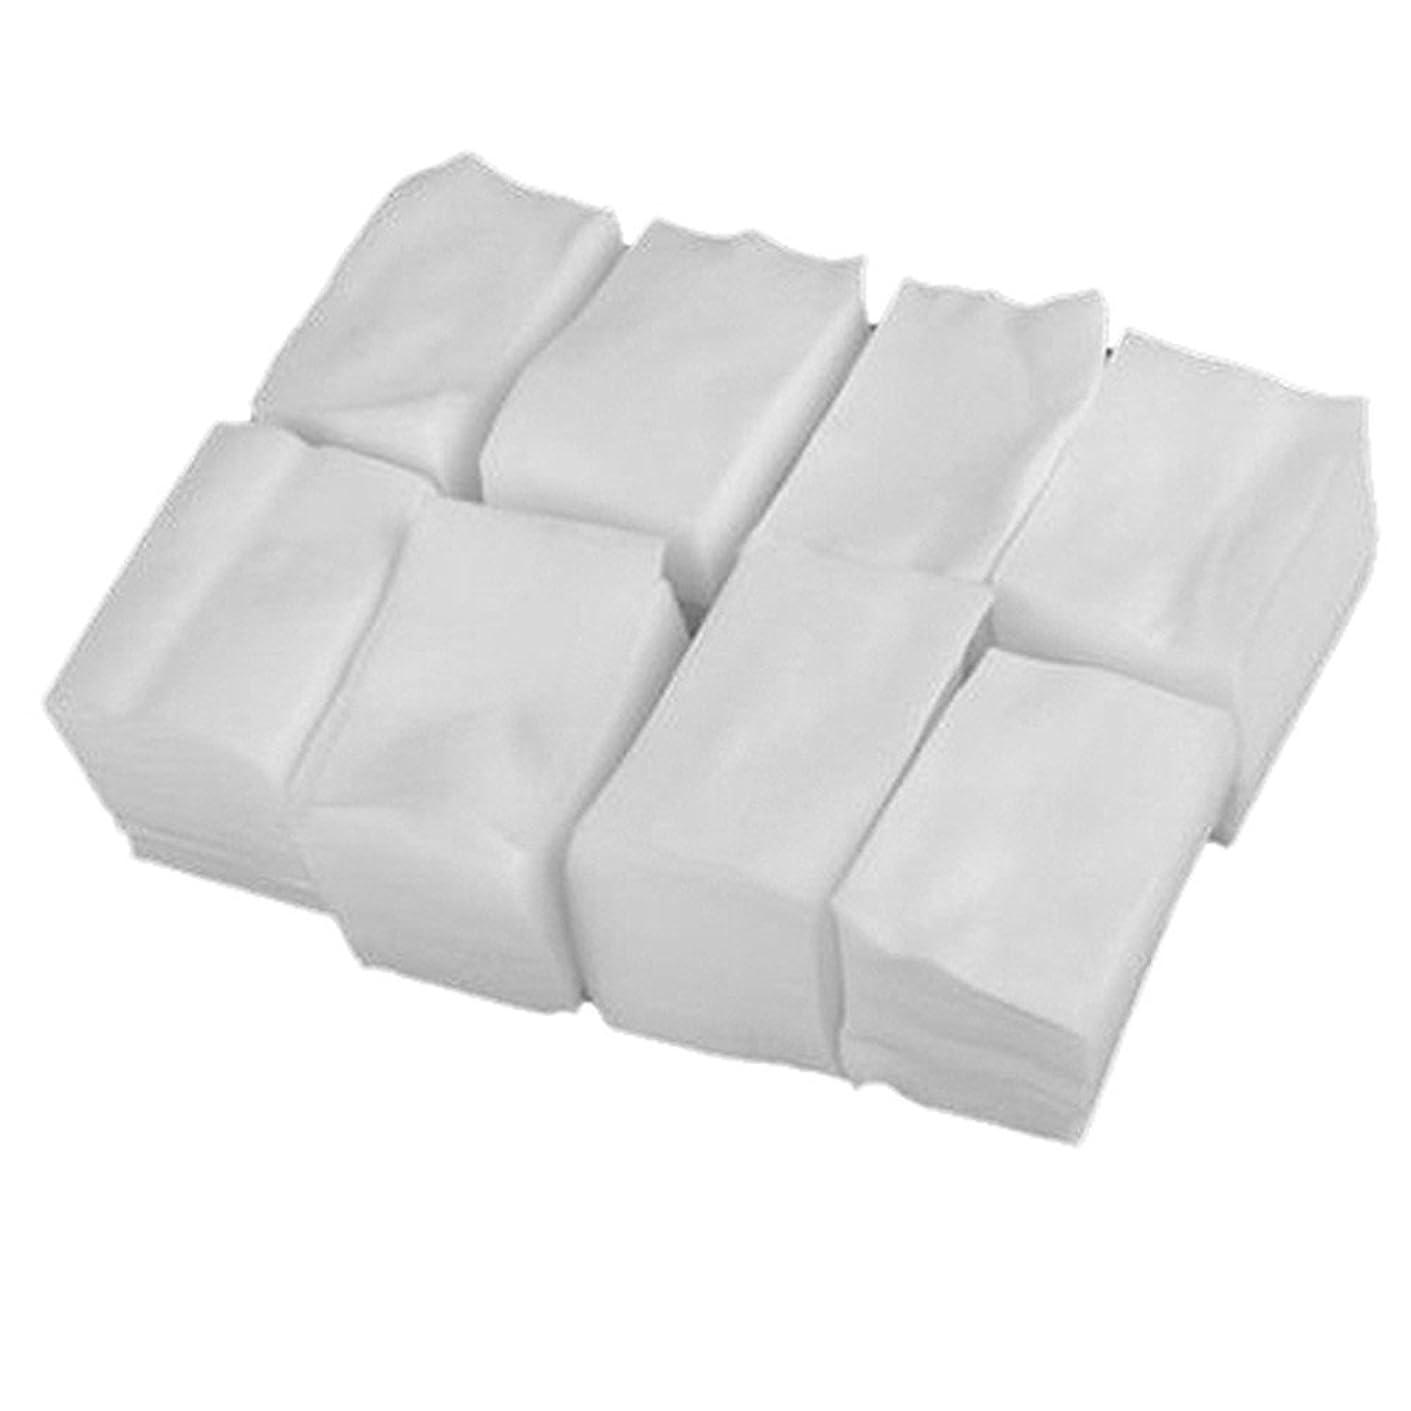 シェーバー縁元気Vi.yo ネイル ジェル ワイプ 天然素材 不織布 コットン ジェルの拭き取り 油分除去 クリーニング 900枚以上